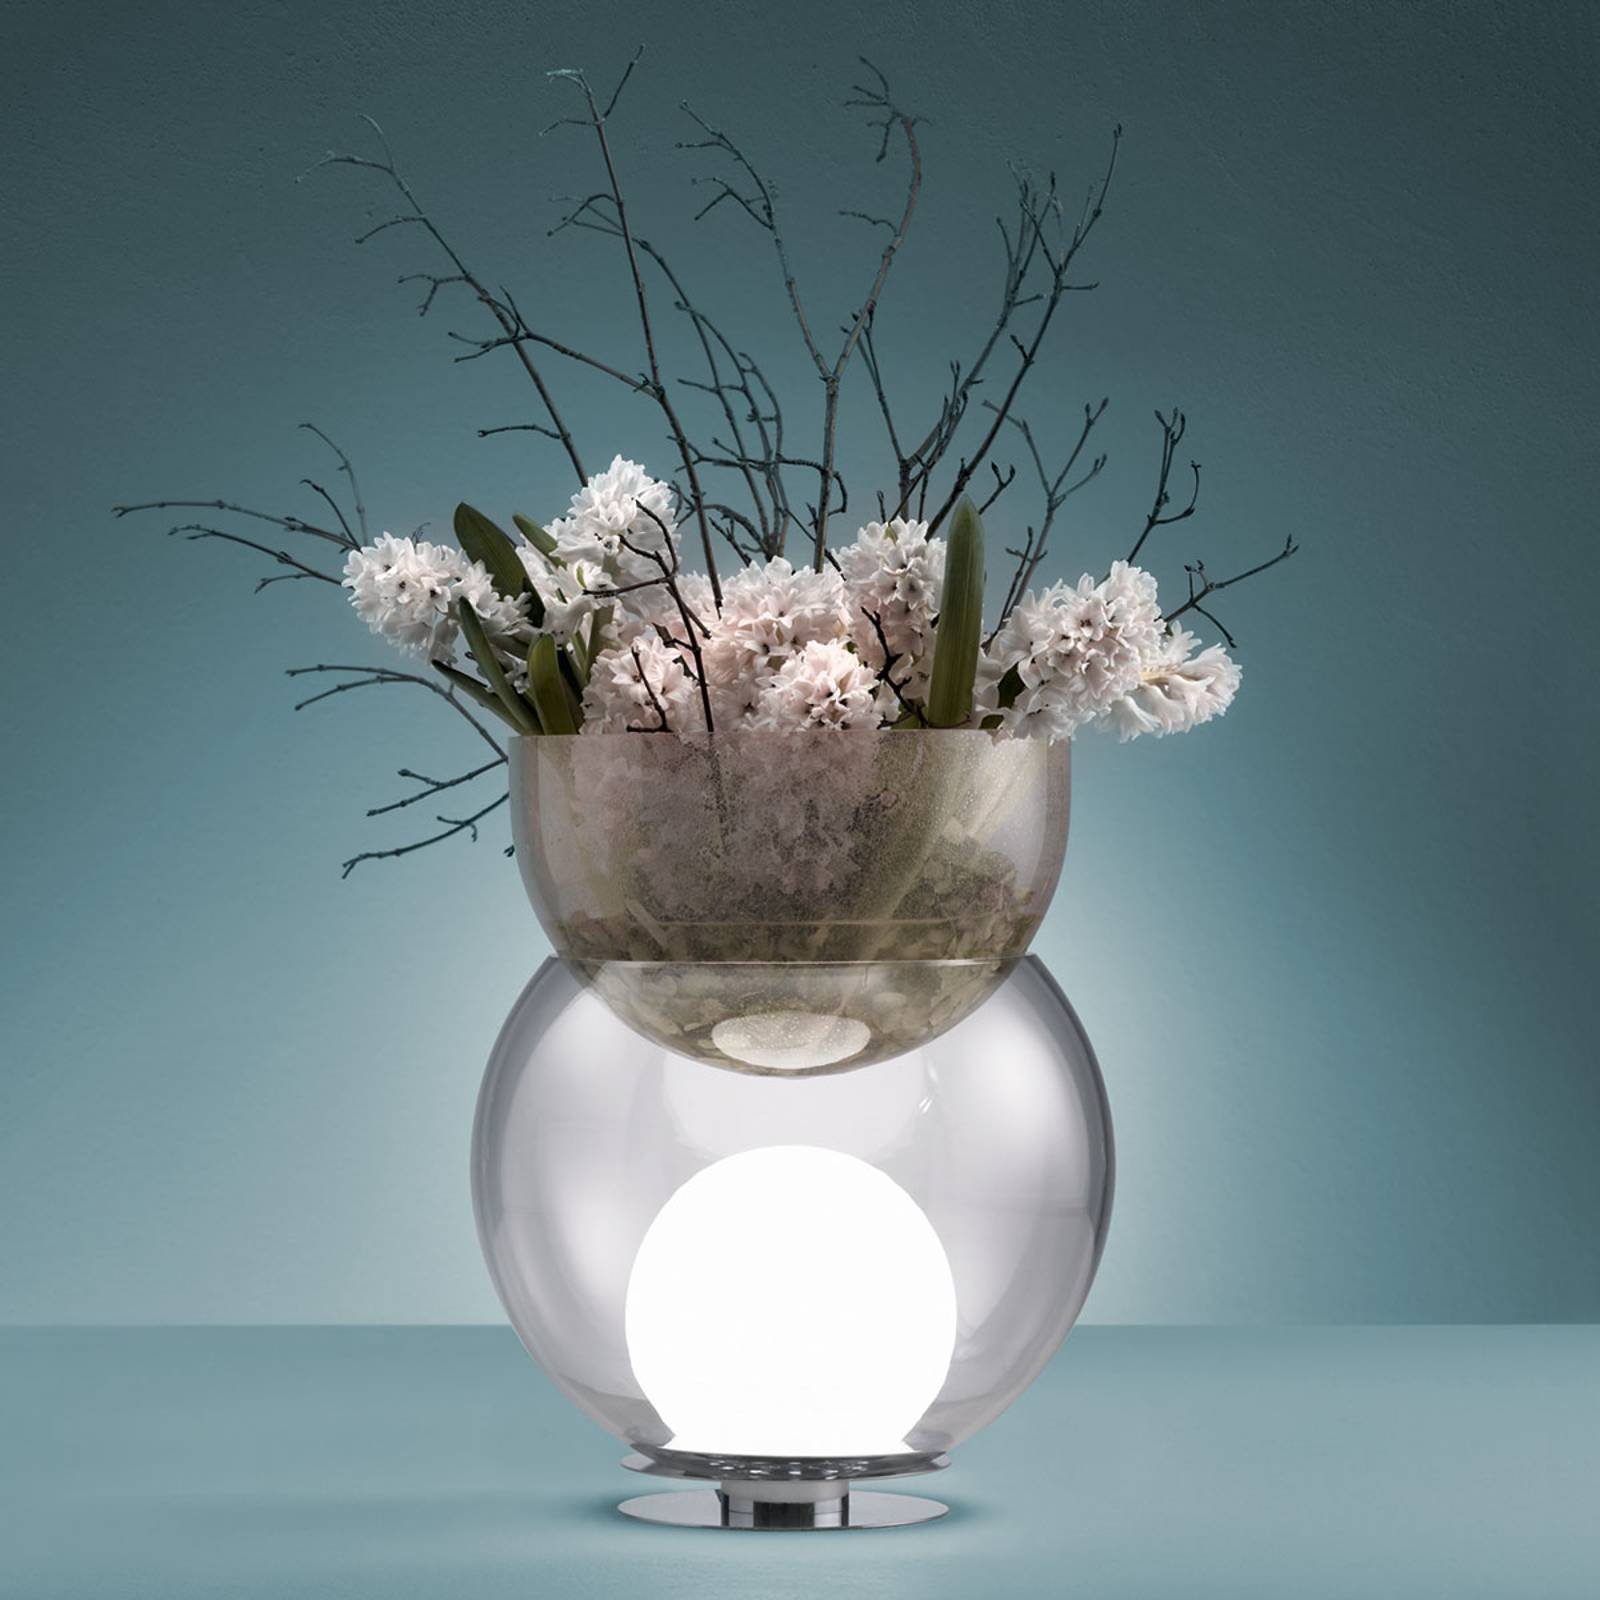 Dekorativ bordlampe Giova, 32 cm